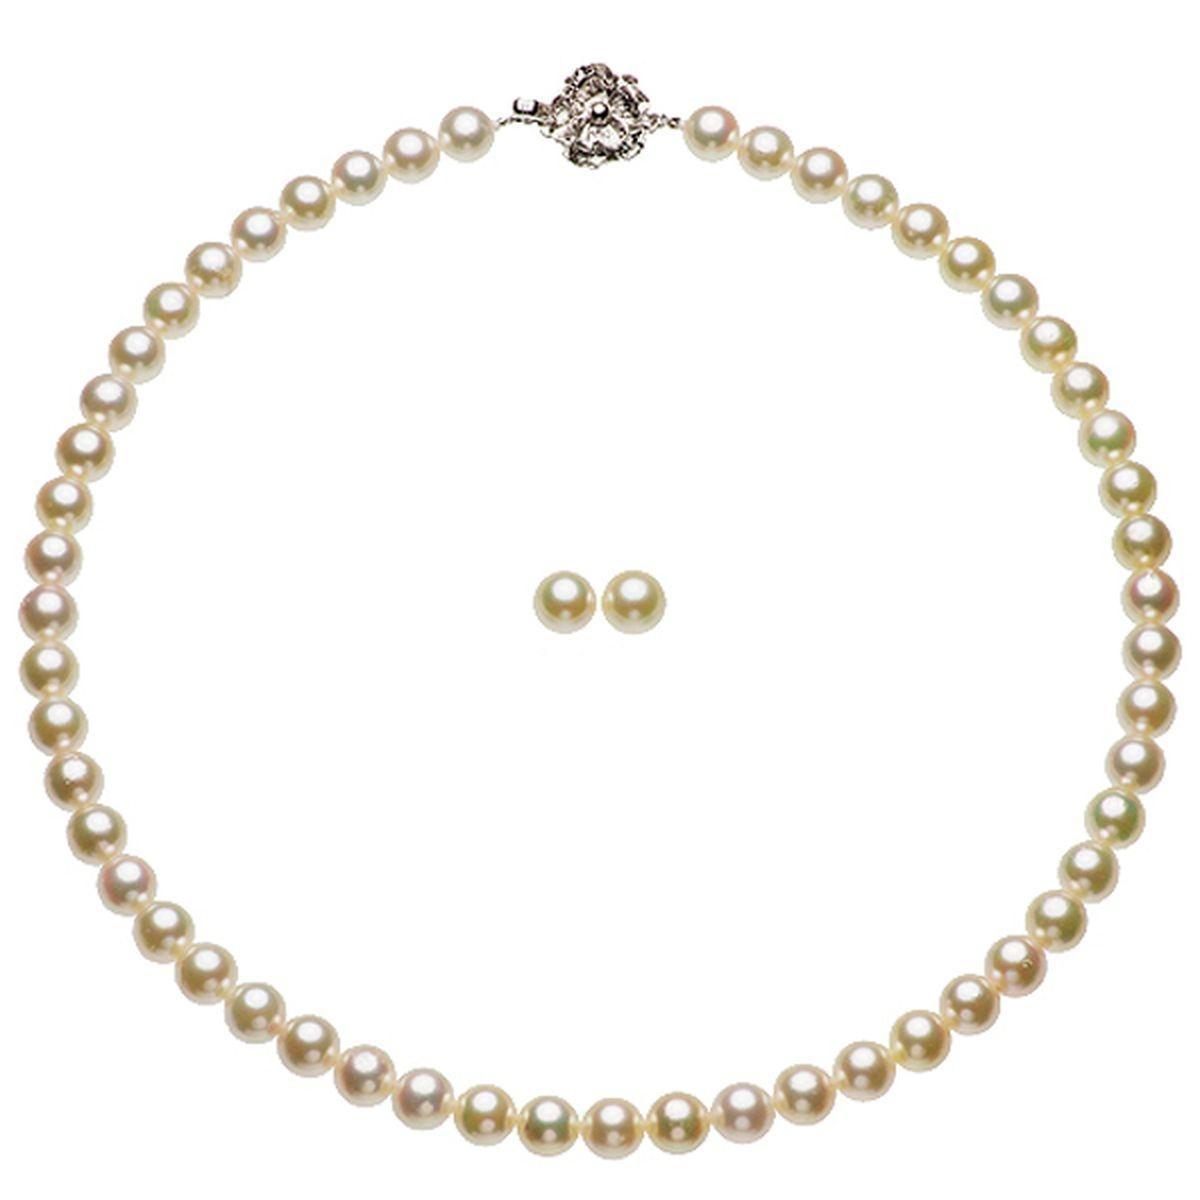 アコヤ 真珠 イヤリング ネックレス セット 約7.5-8.0mmの写真